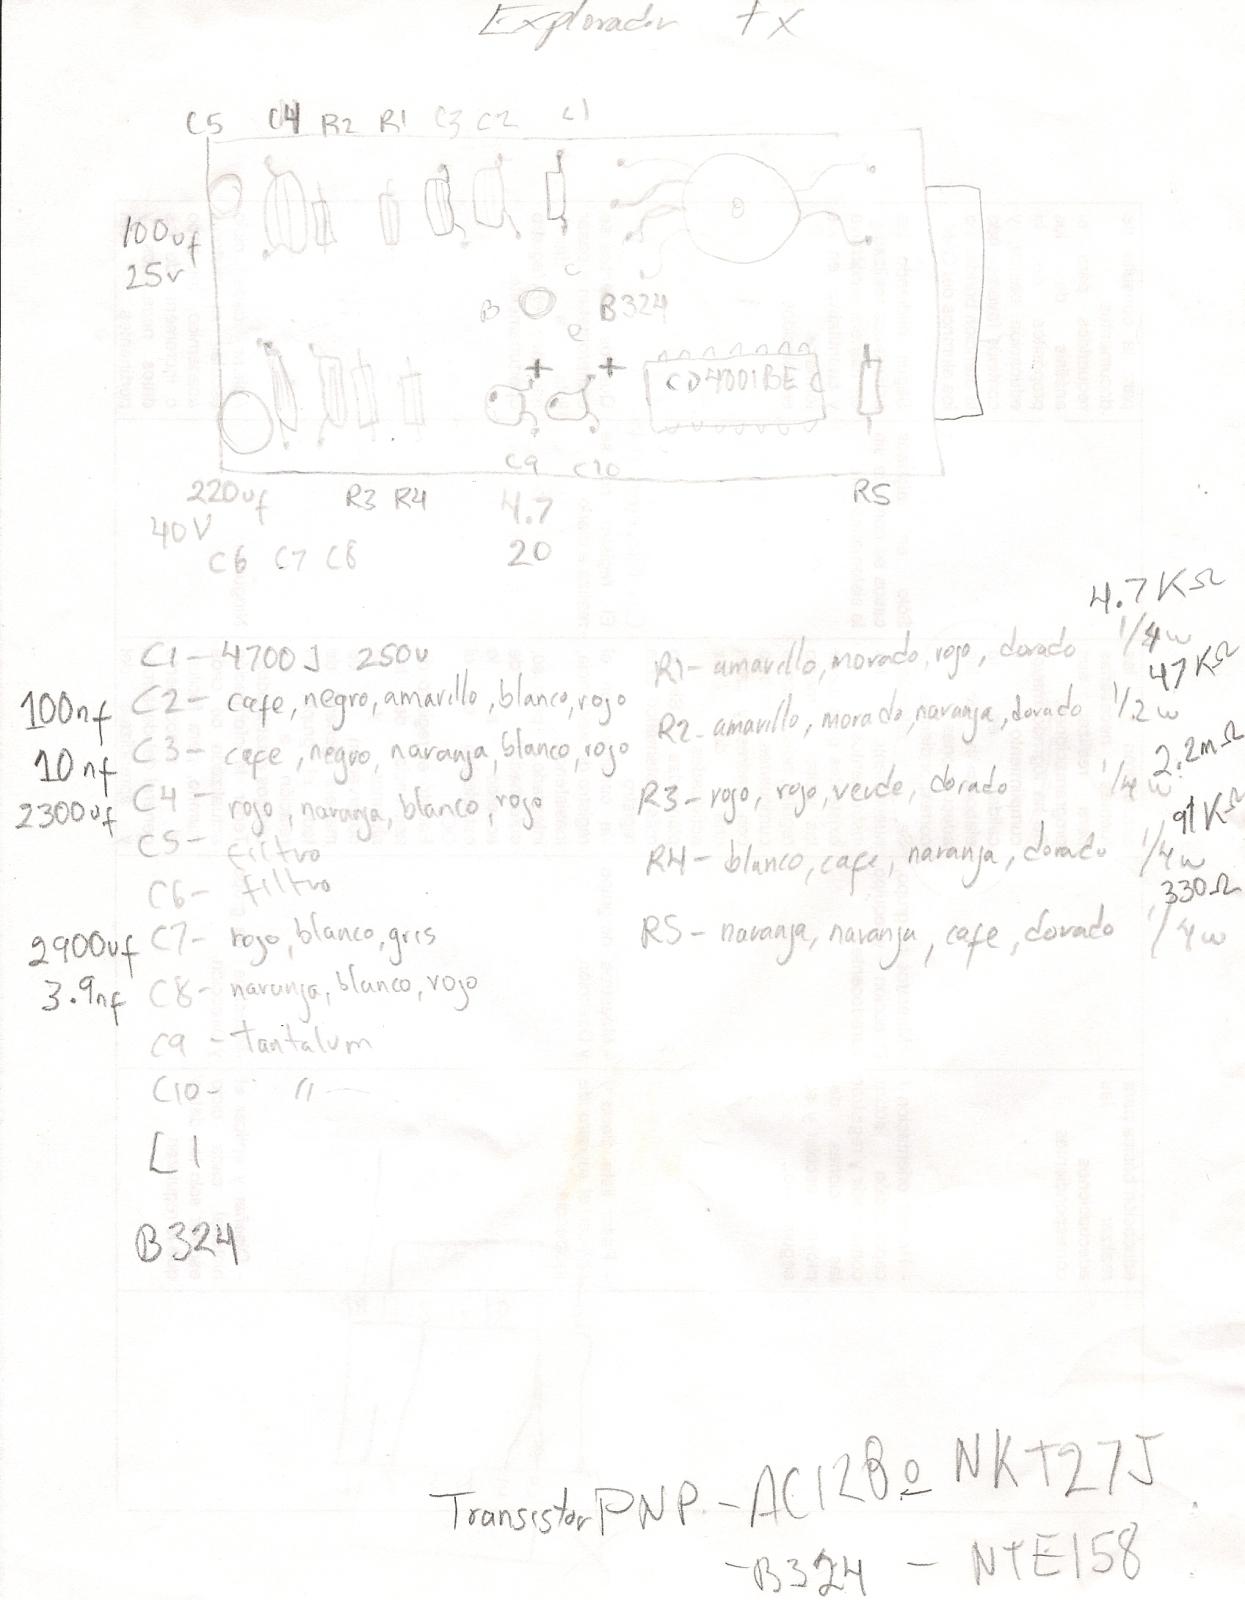 LES COMPARTO DIAGRAMA DEL DETECTOR EXPLORADOR - Página 2 2vhu5hx